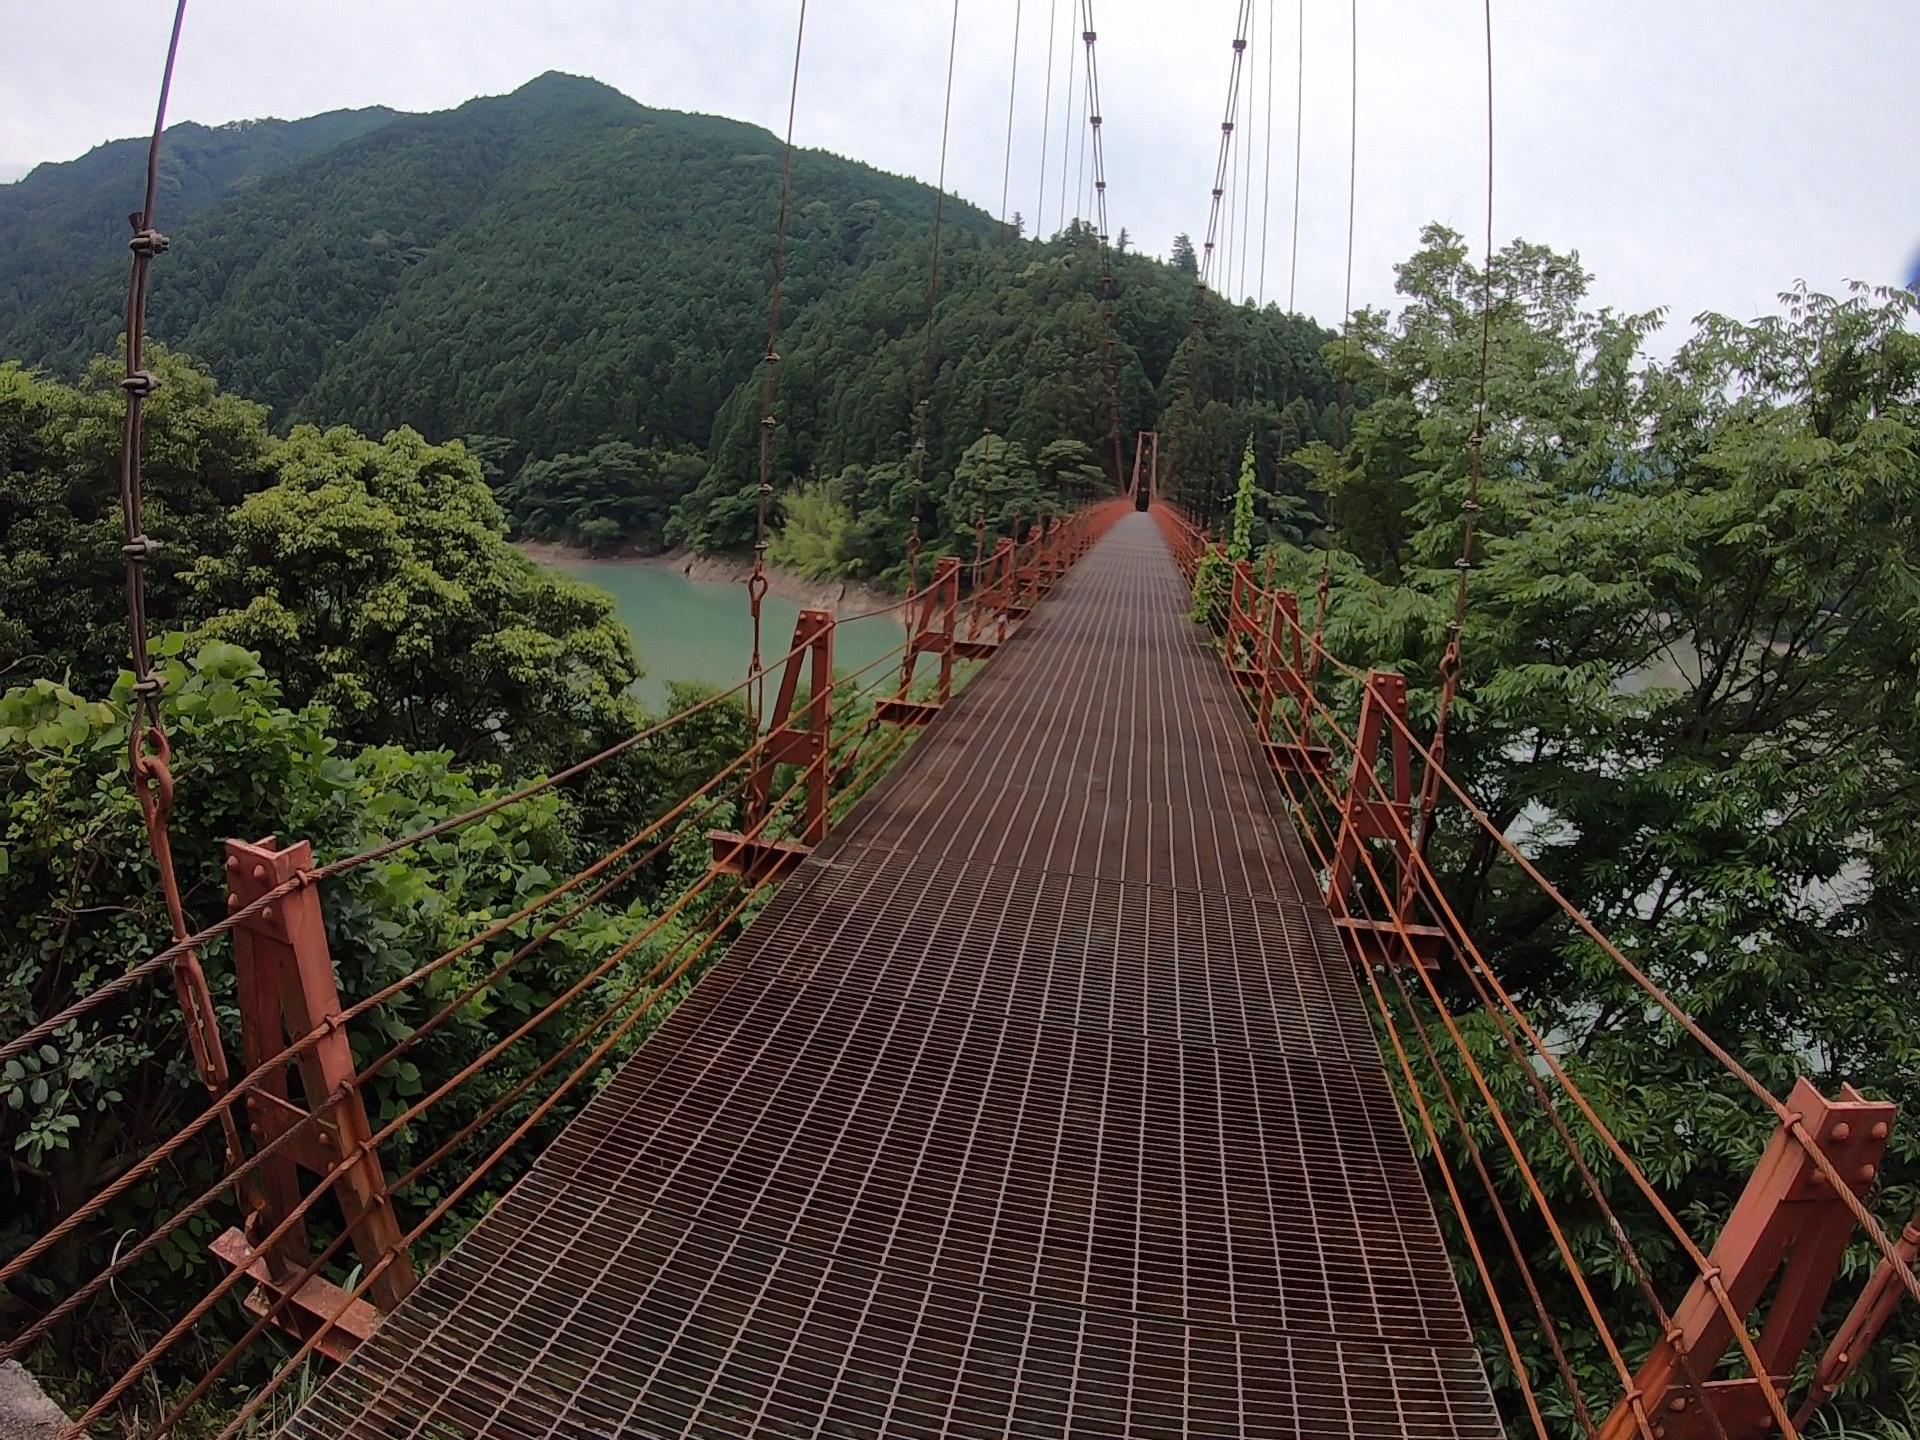 ぴーきち&ダイナ ハーレーブログ 和歌山有田ツーリング 蔵王橋